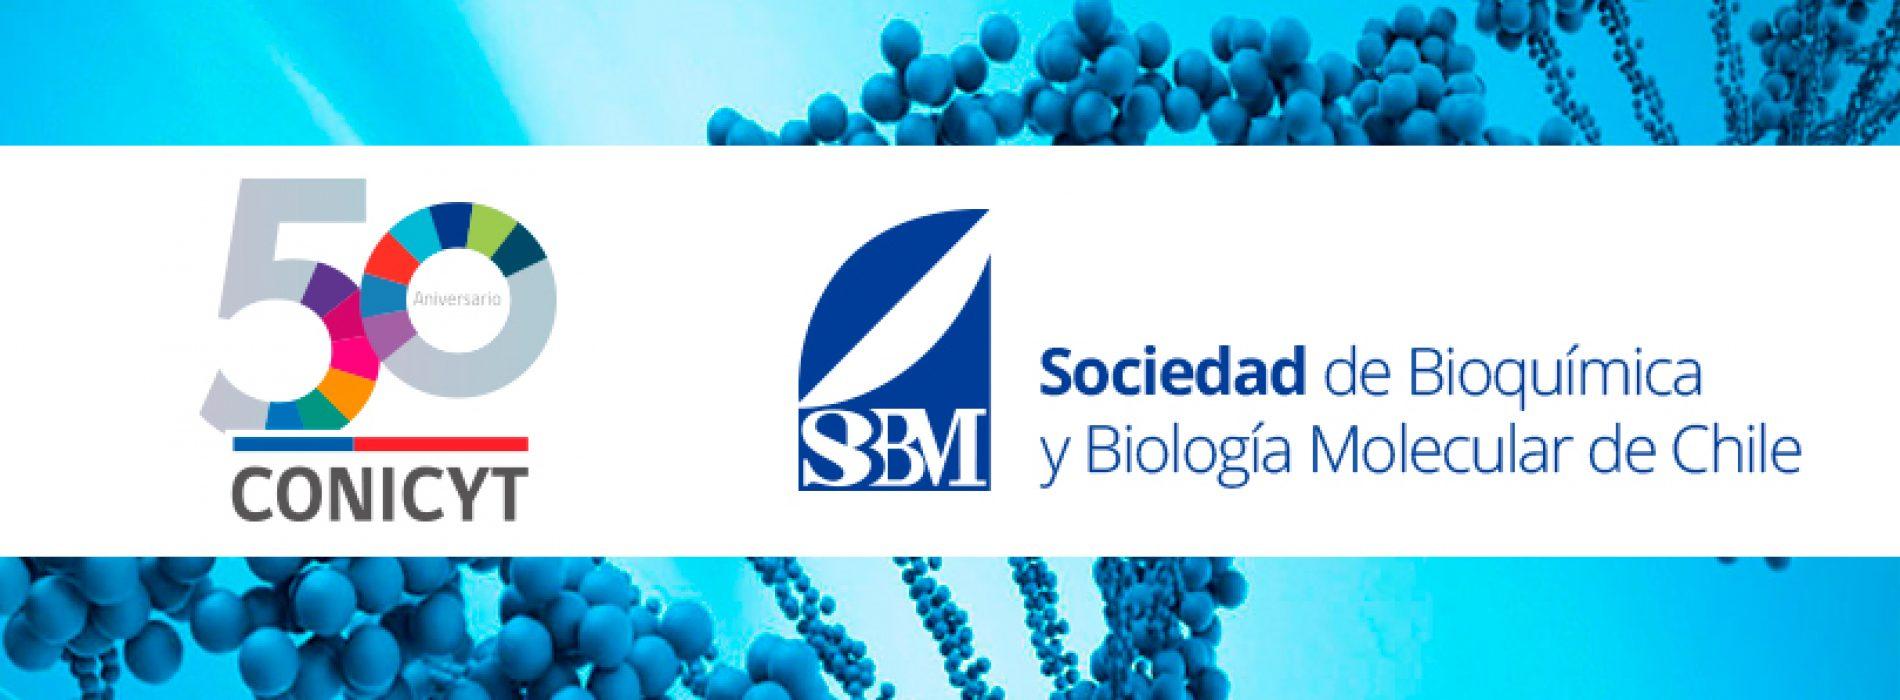 CONICYT: Hechos o hitos más importantes de la Bioquímica en los últimos 50 años